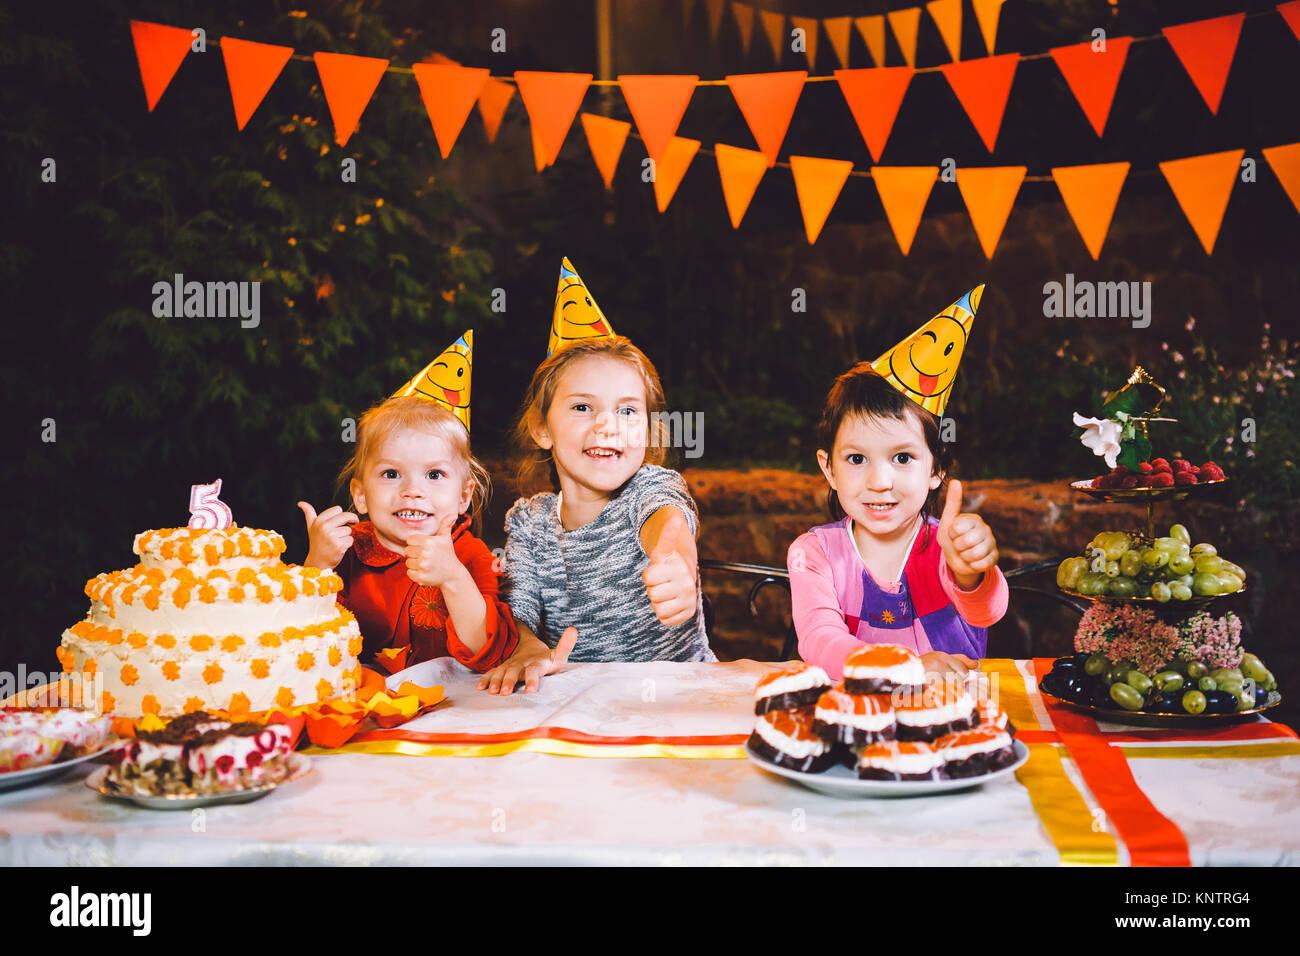 Kindergeburtstage. Drei fröhliche Kinder Mädchen Kuchen essen, mit ihren Händen und Verschmieren Stockbild